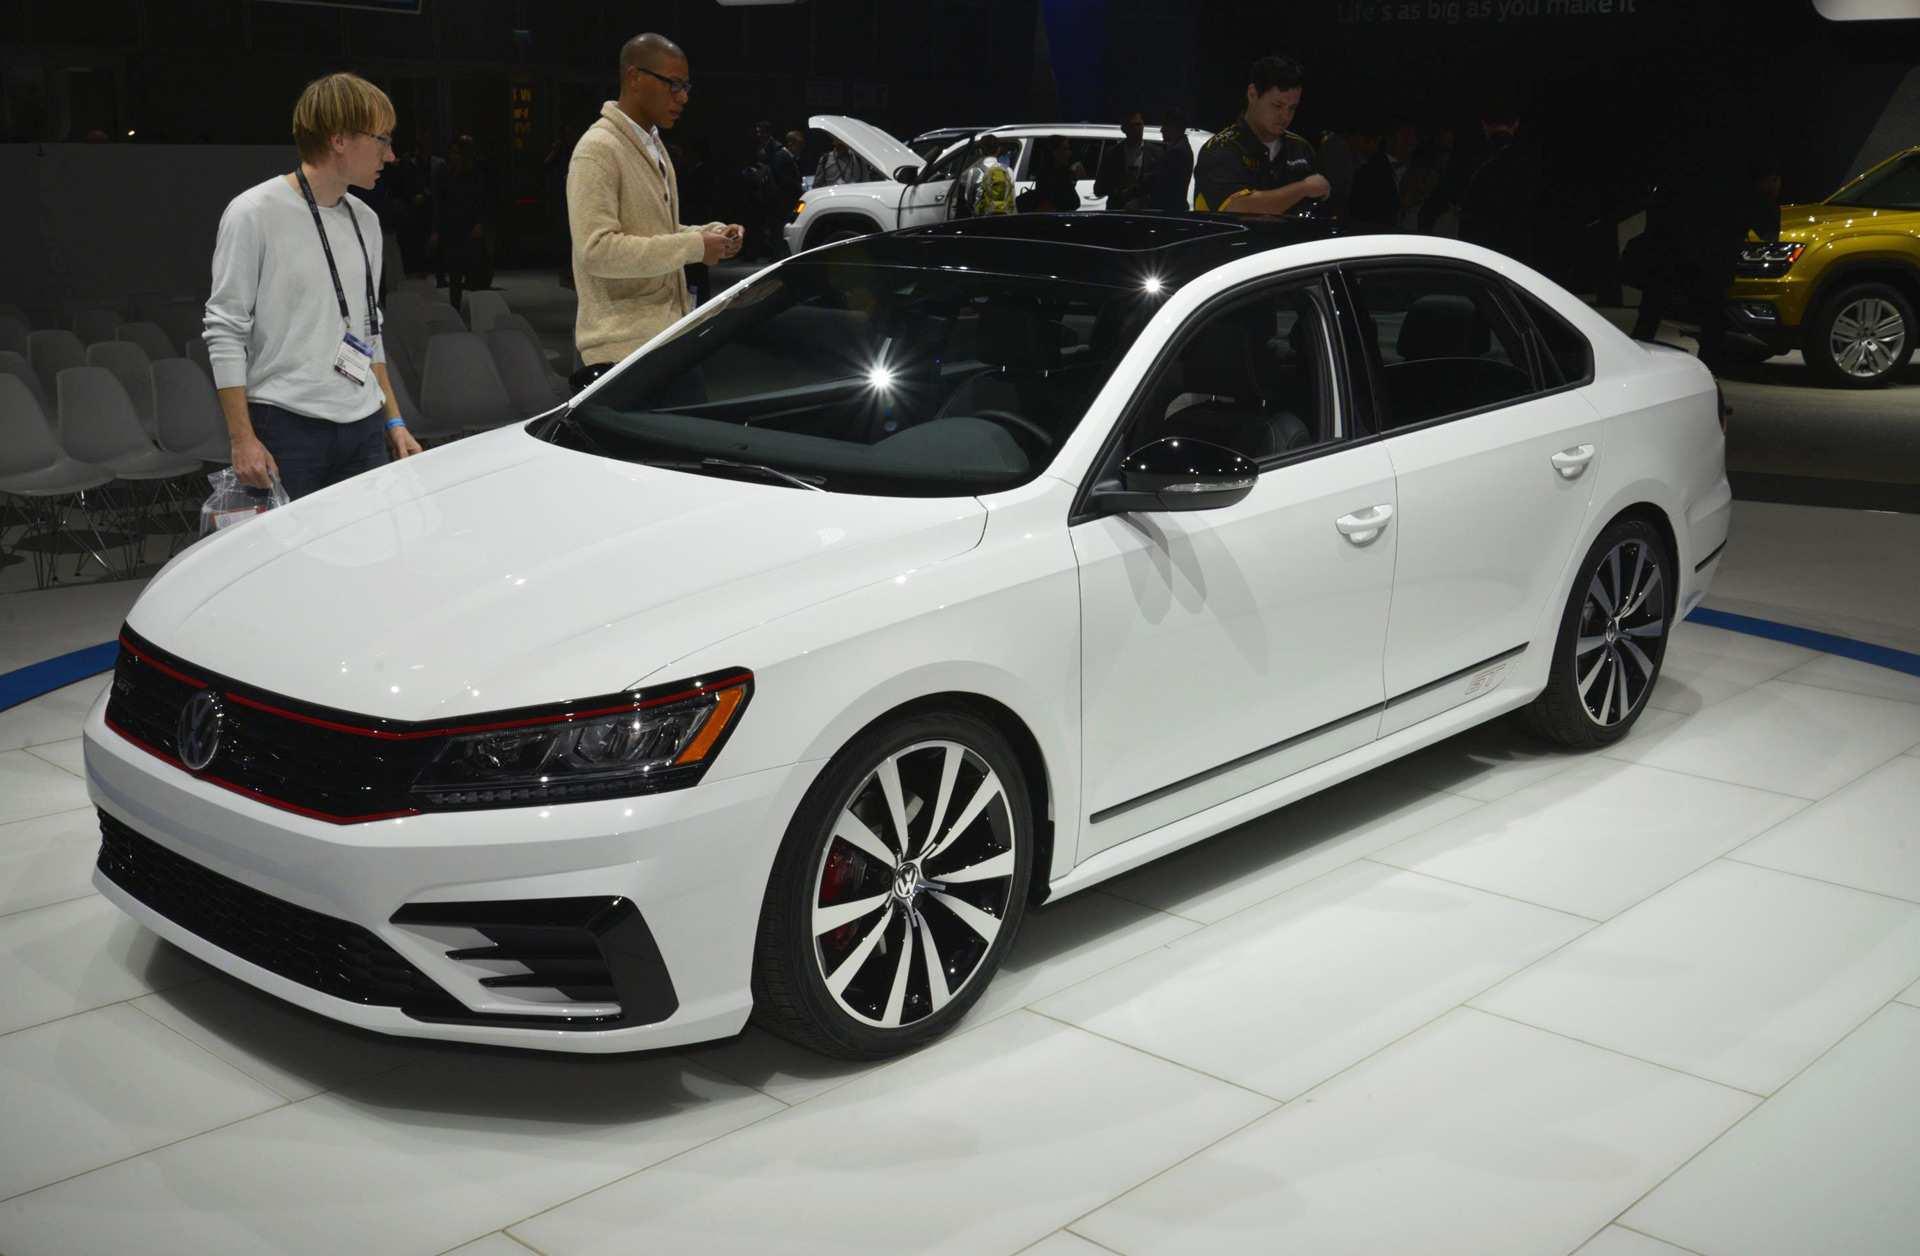 30 New New Volkswagen 2019 Passat Concept Spesification with New Volkswagen 2019 Passat Concept